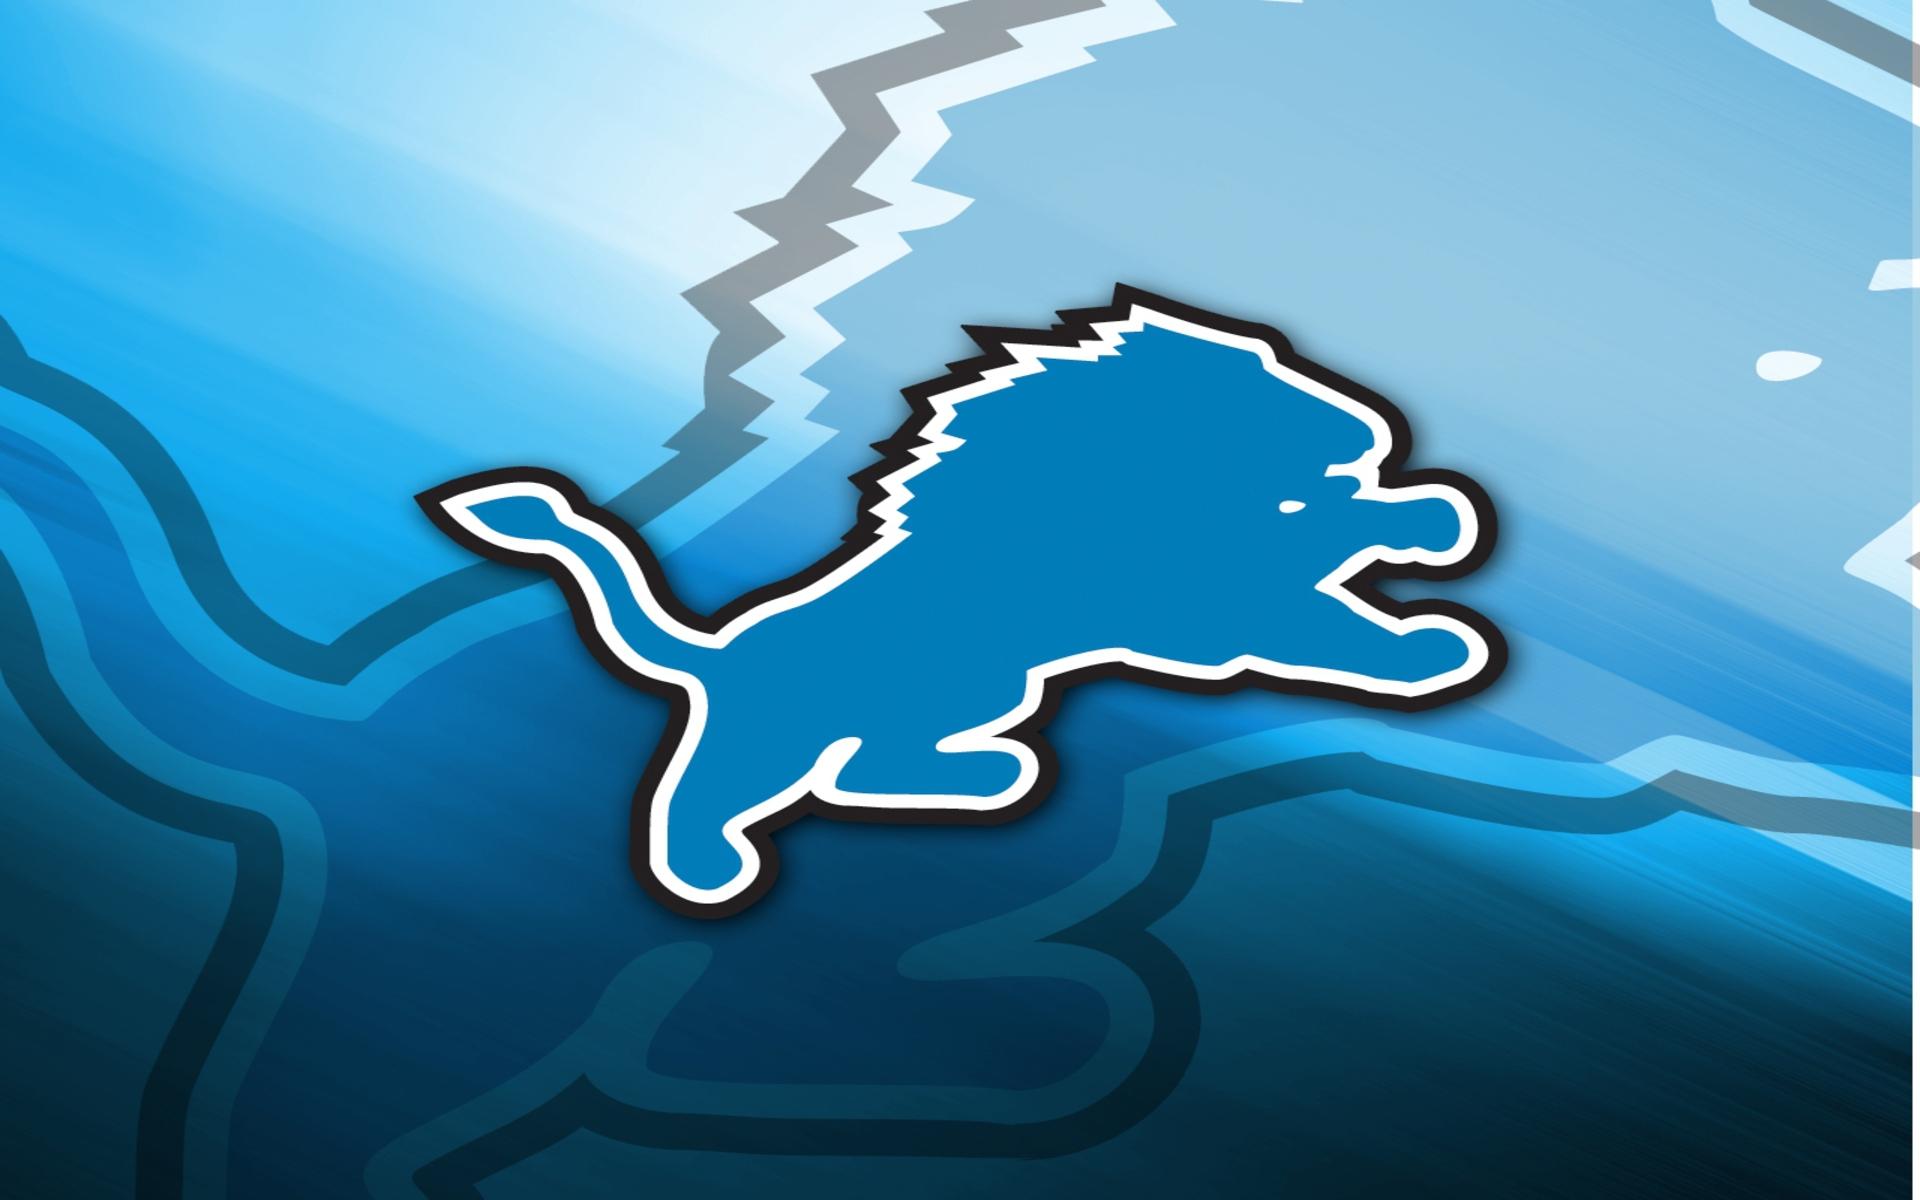 Lion Quotes Wallpaper Detroit Lions Images Download Free Pixelstalk Net